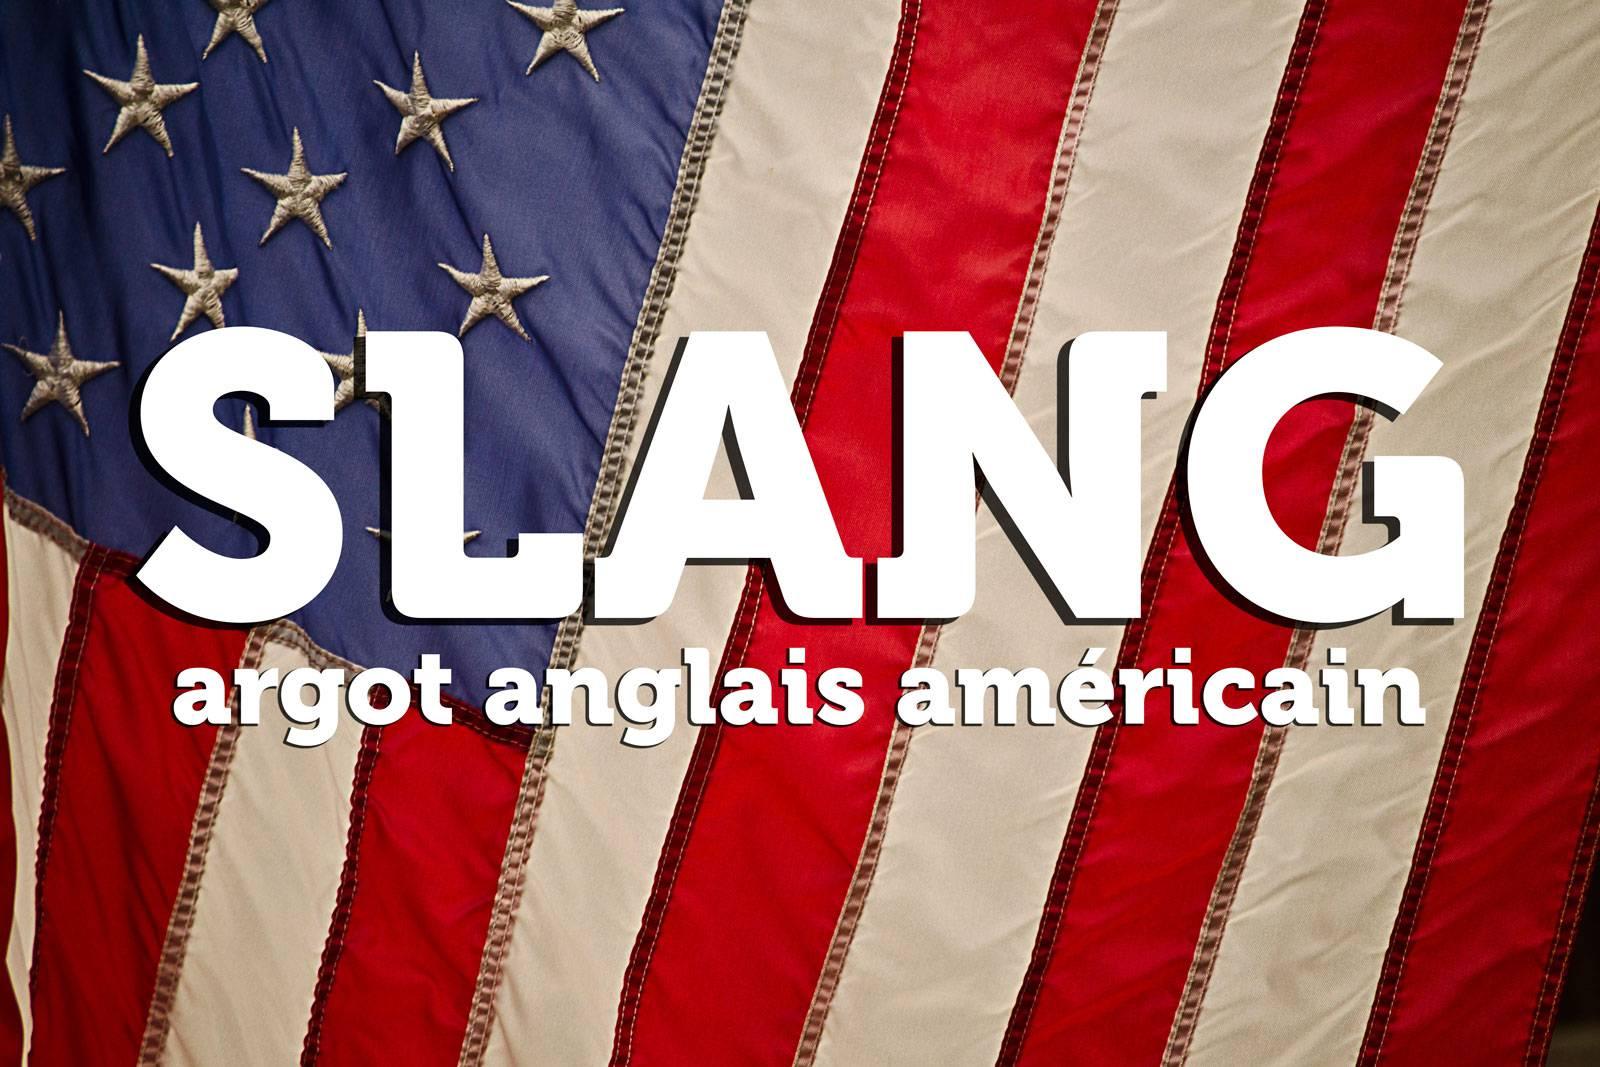 36 Mots D Argot Anglais Americain Indispensables Ce Qu On Ne Vous Dit Pas Dans Les Cours D Anglais